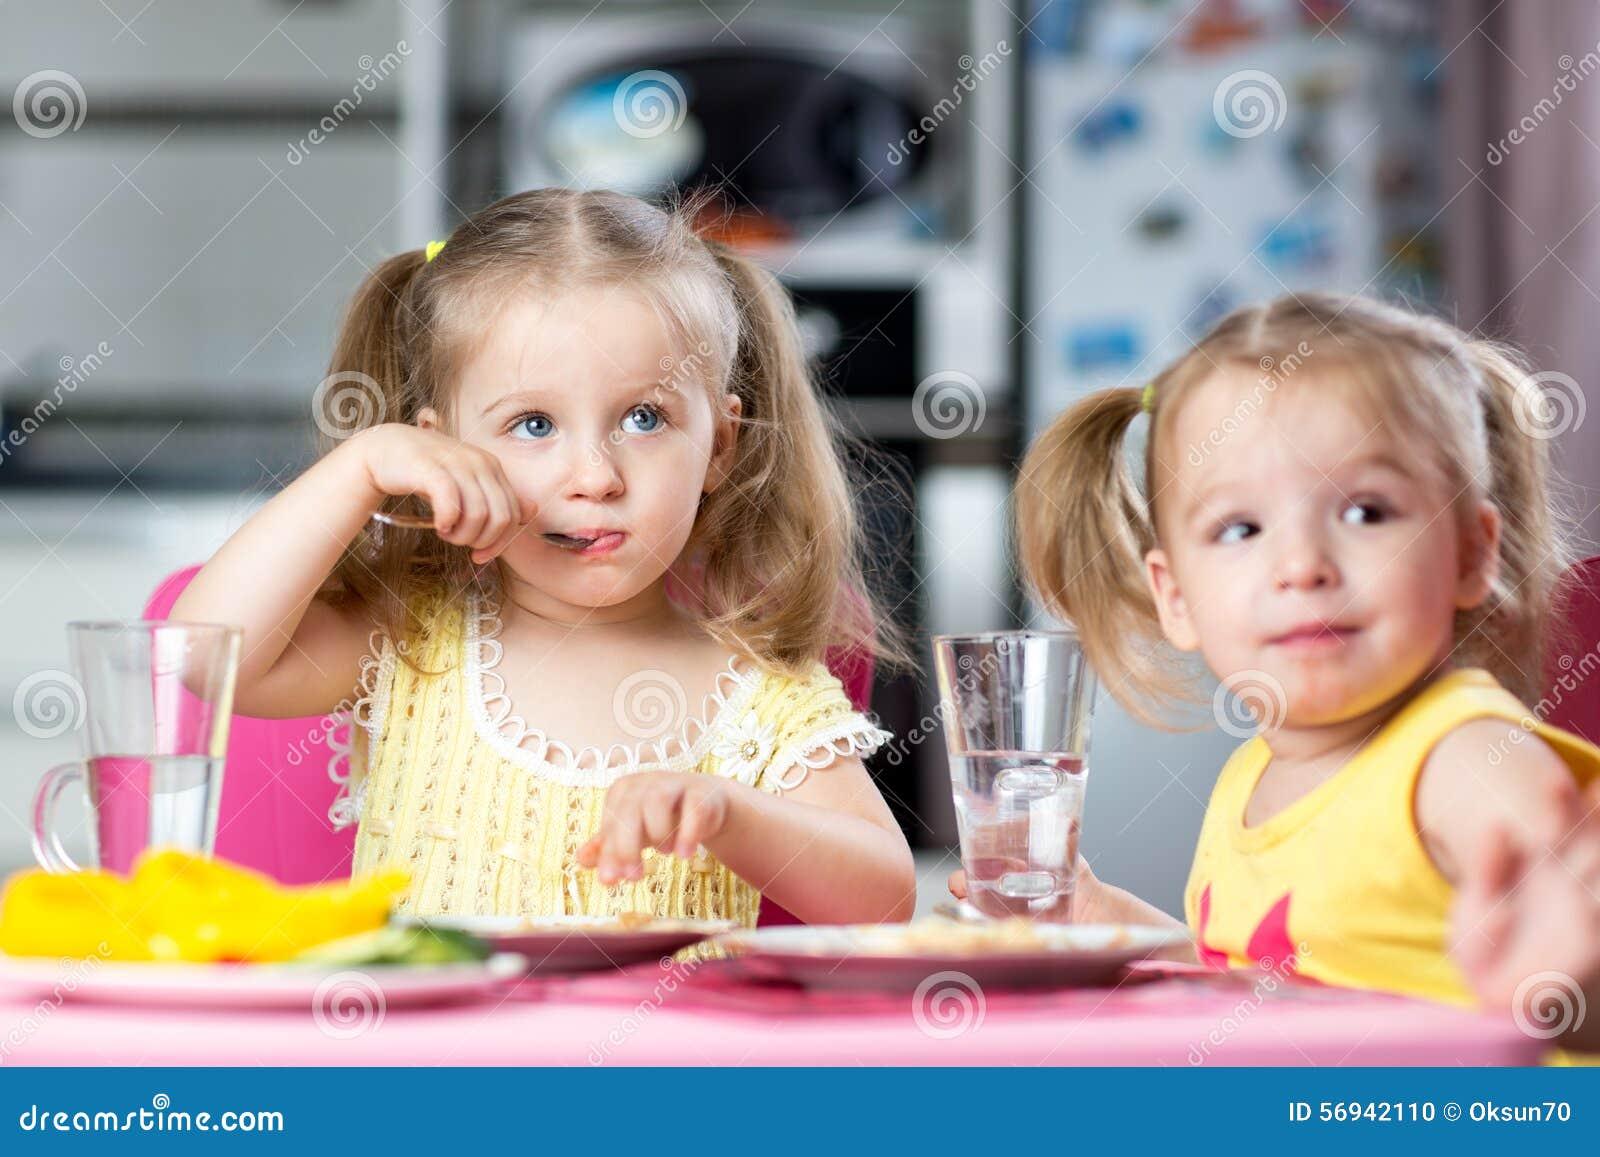 kinder die am kindertagesst tte trinken und essen stockfoto bild 56942110. Black Bedroom Furniture Sets. Home Design Ideas